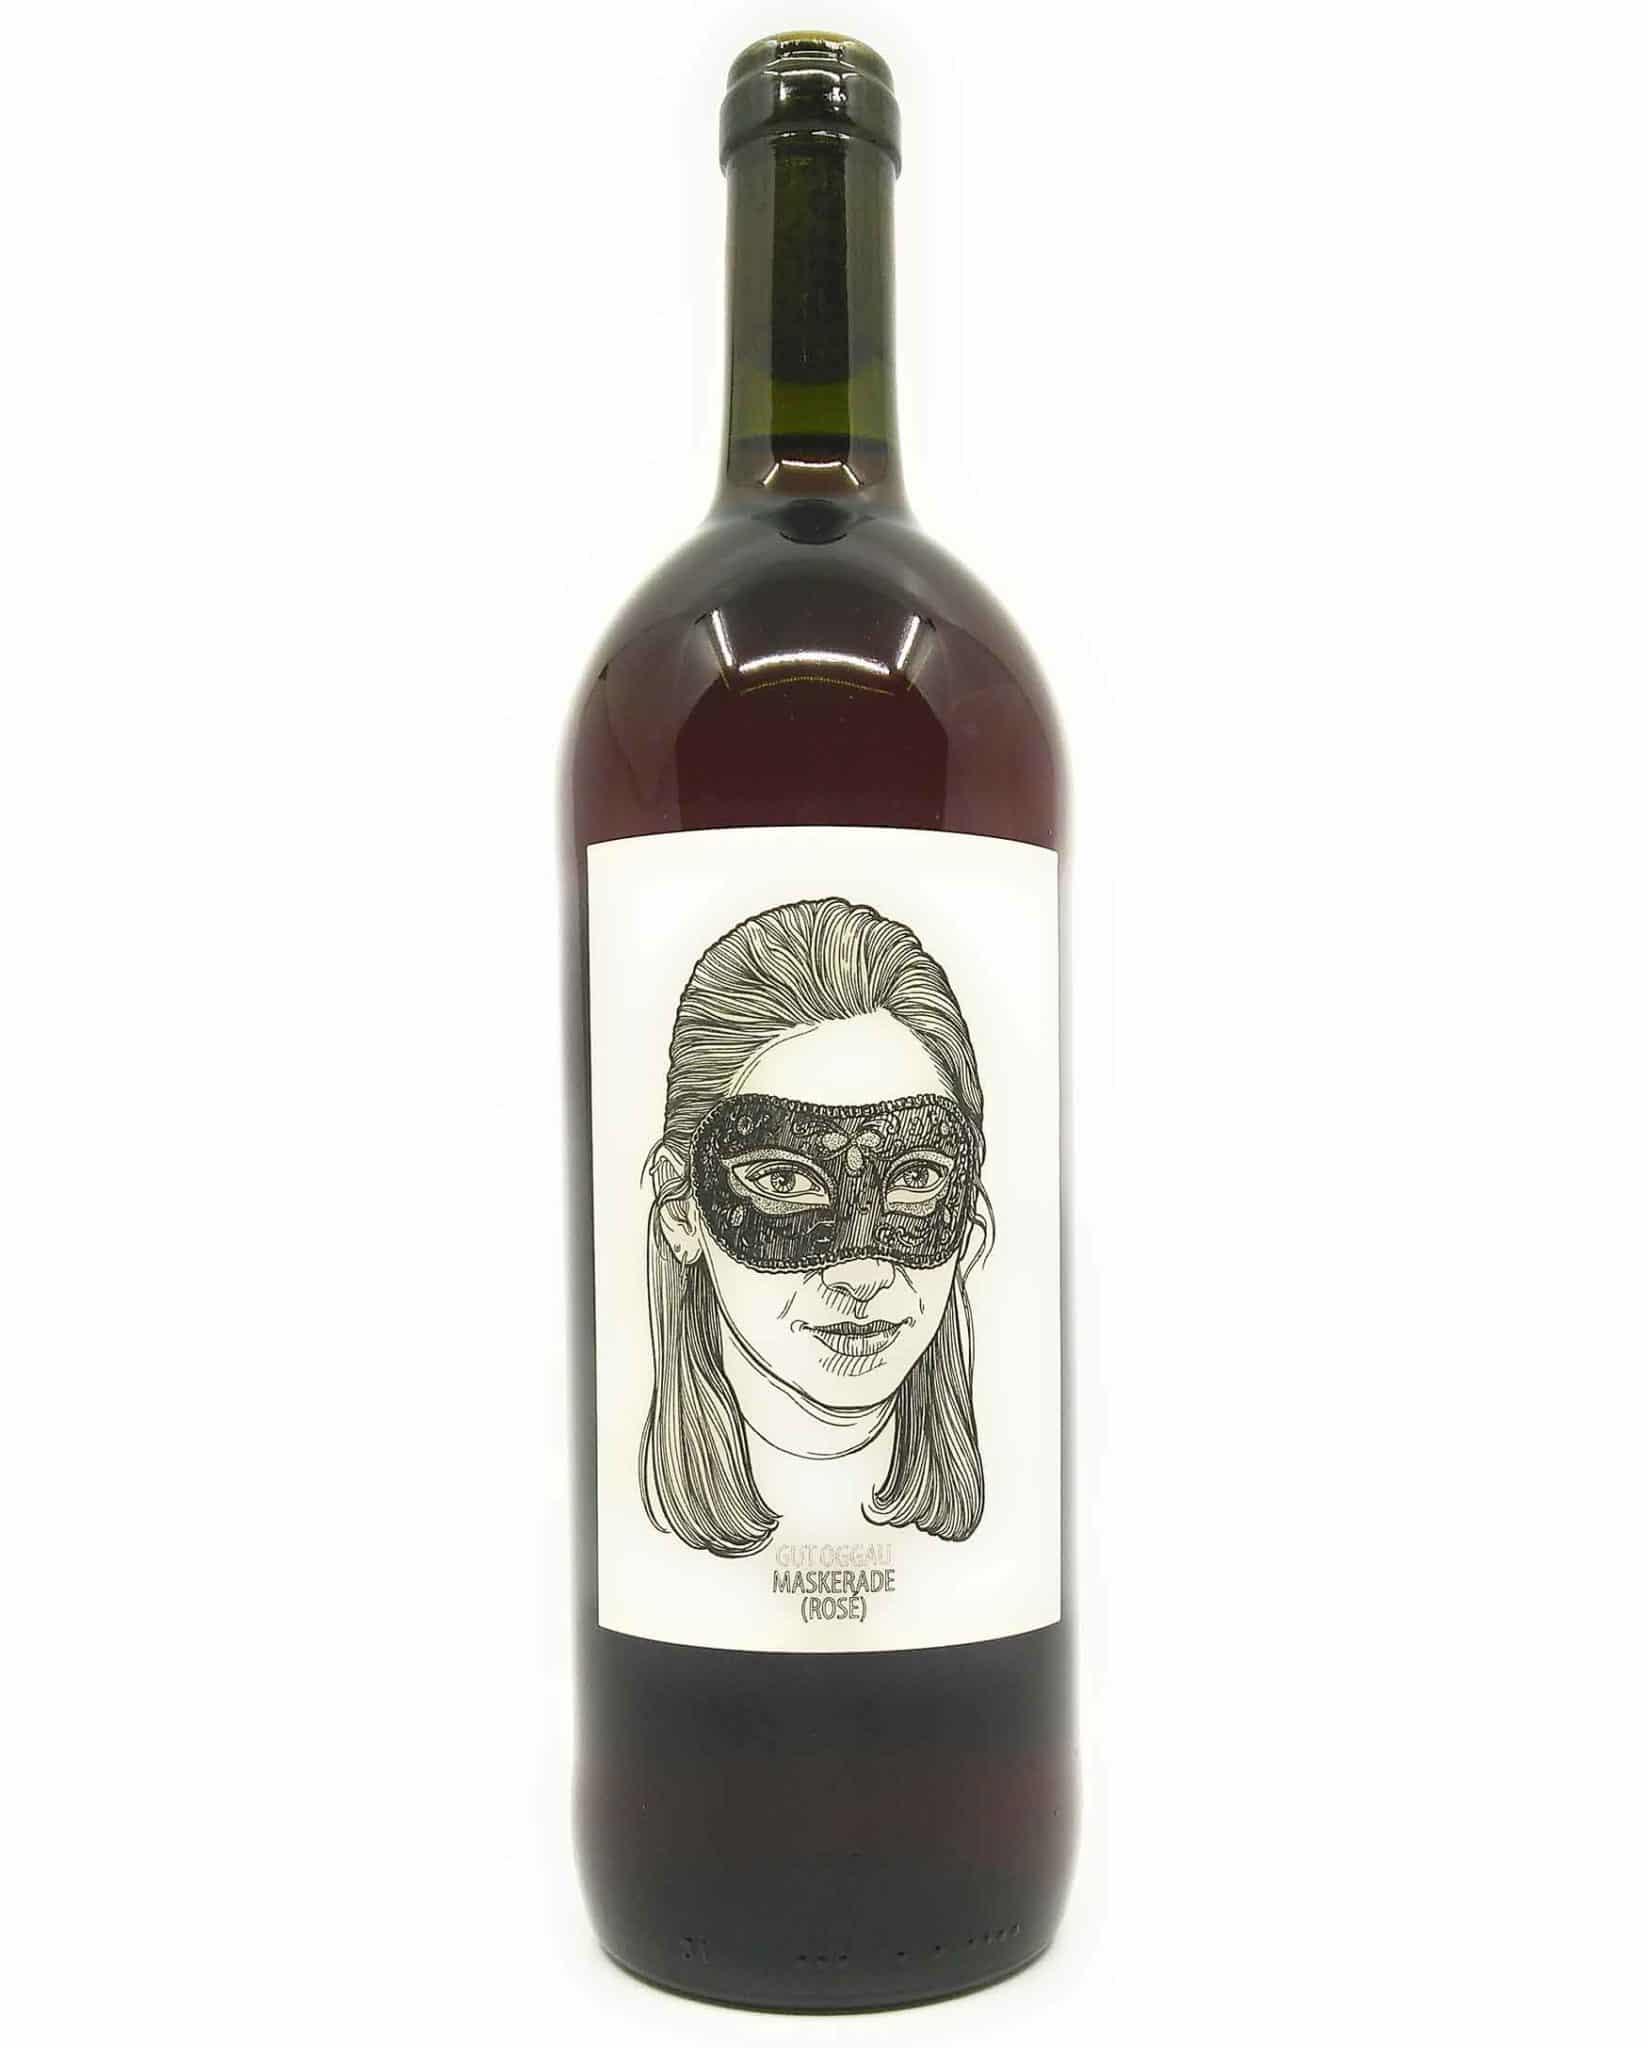 Gut Oggau Maskerade rose order now @ naturalwinedealers.com